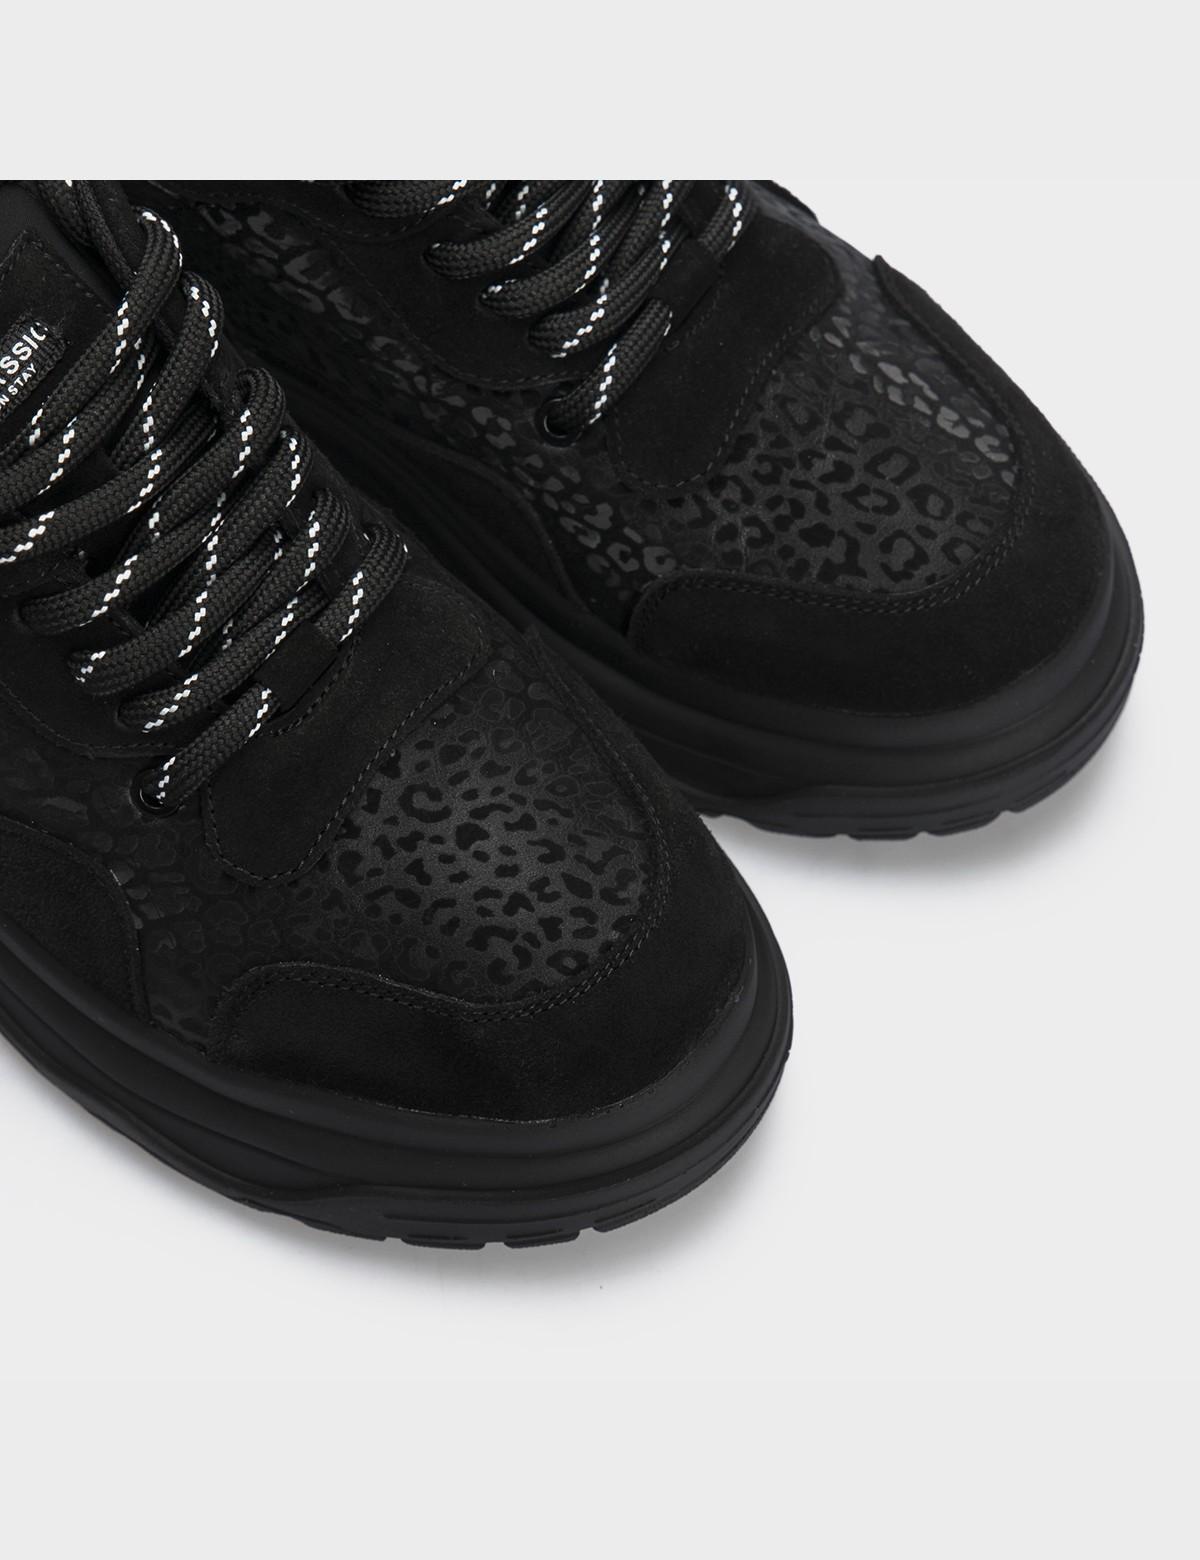 Кросівки чорні натуральна шкіра/замша. Текстиль4